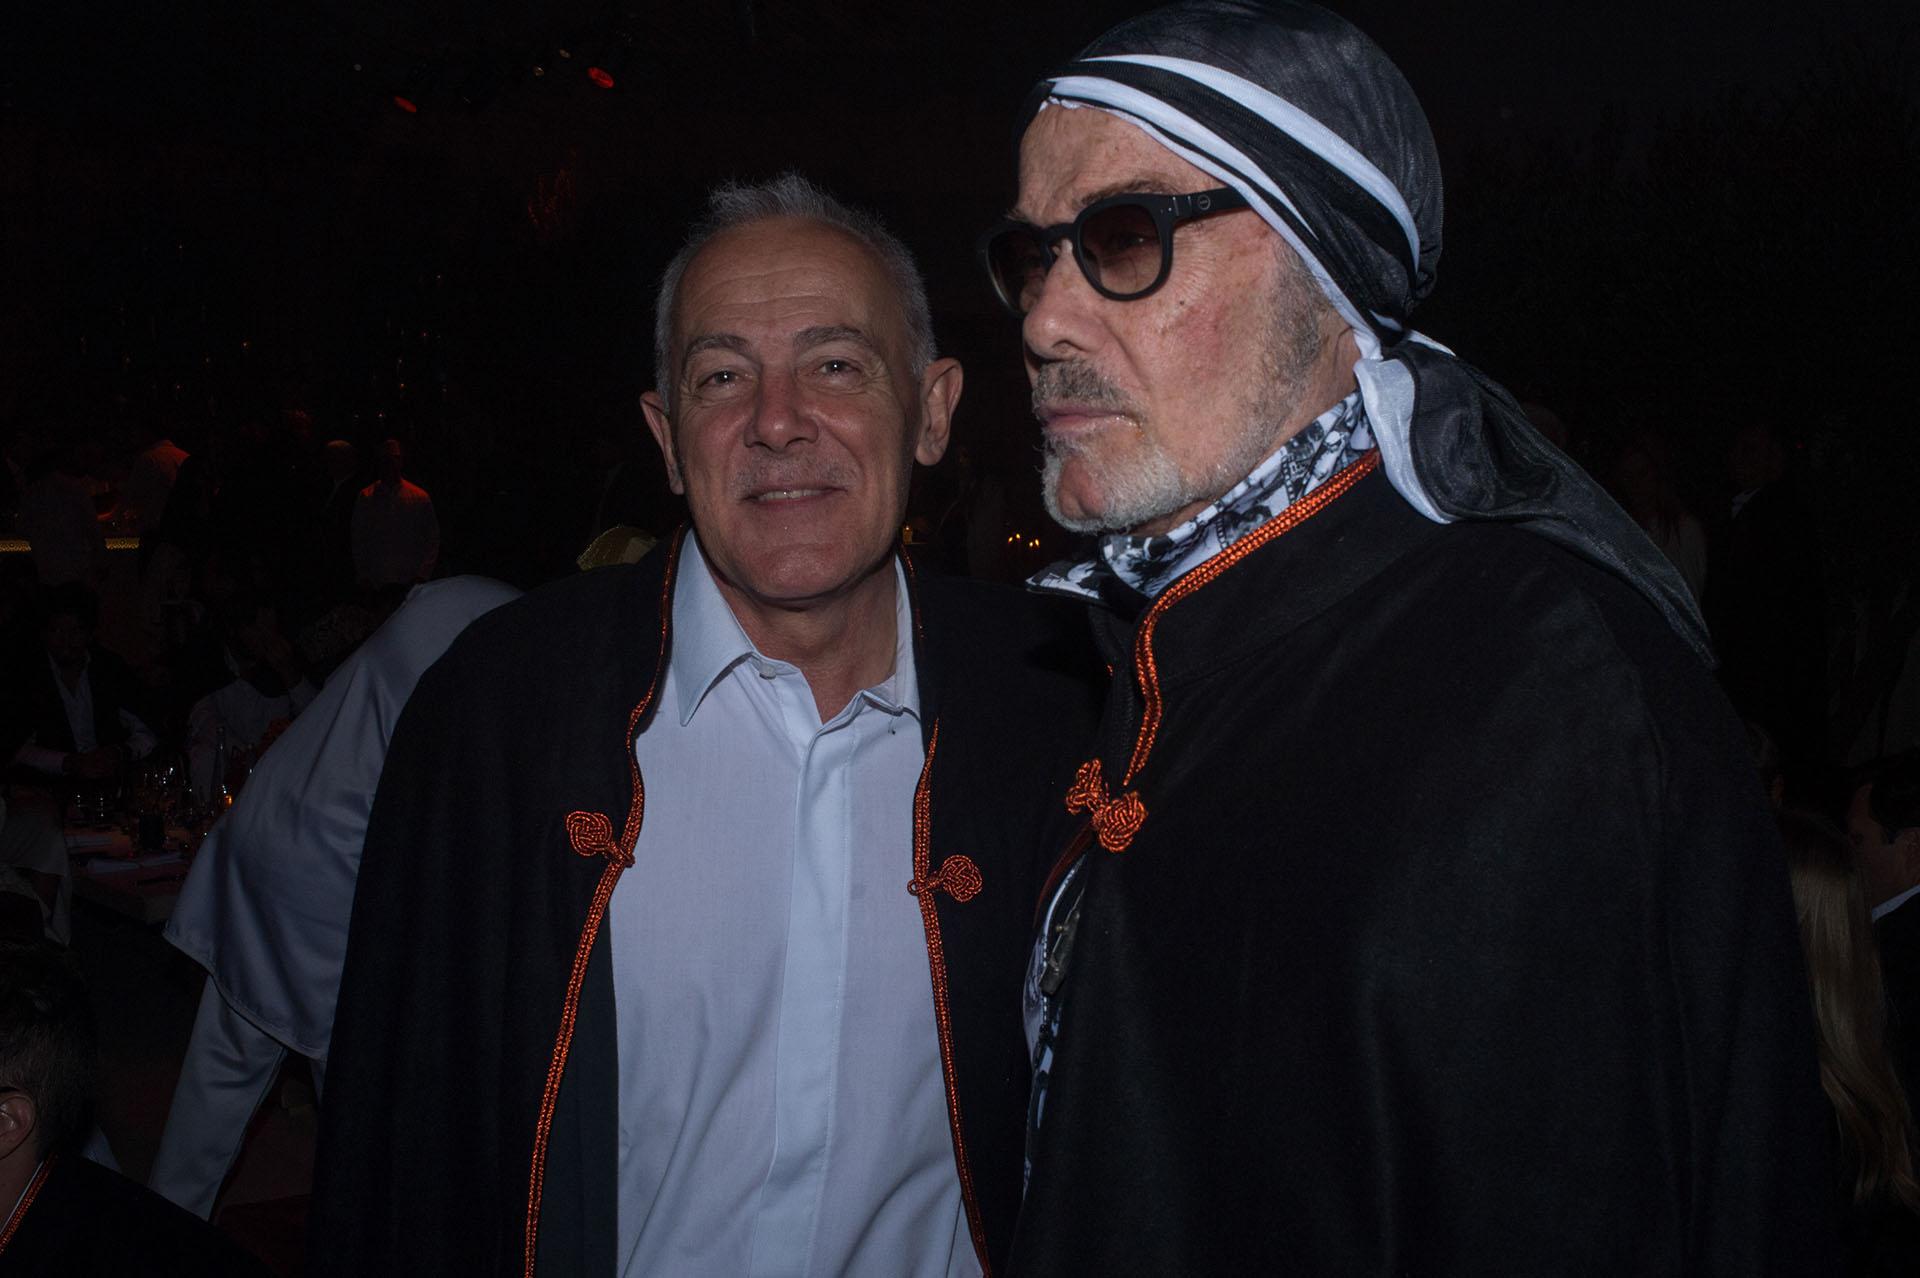 El periodista Martín Wullich junto al diseñador argentino Gino Bogani